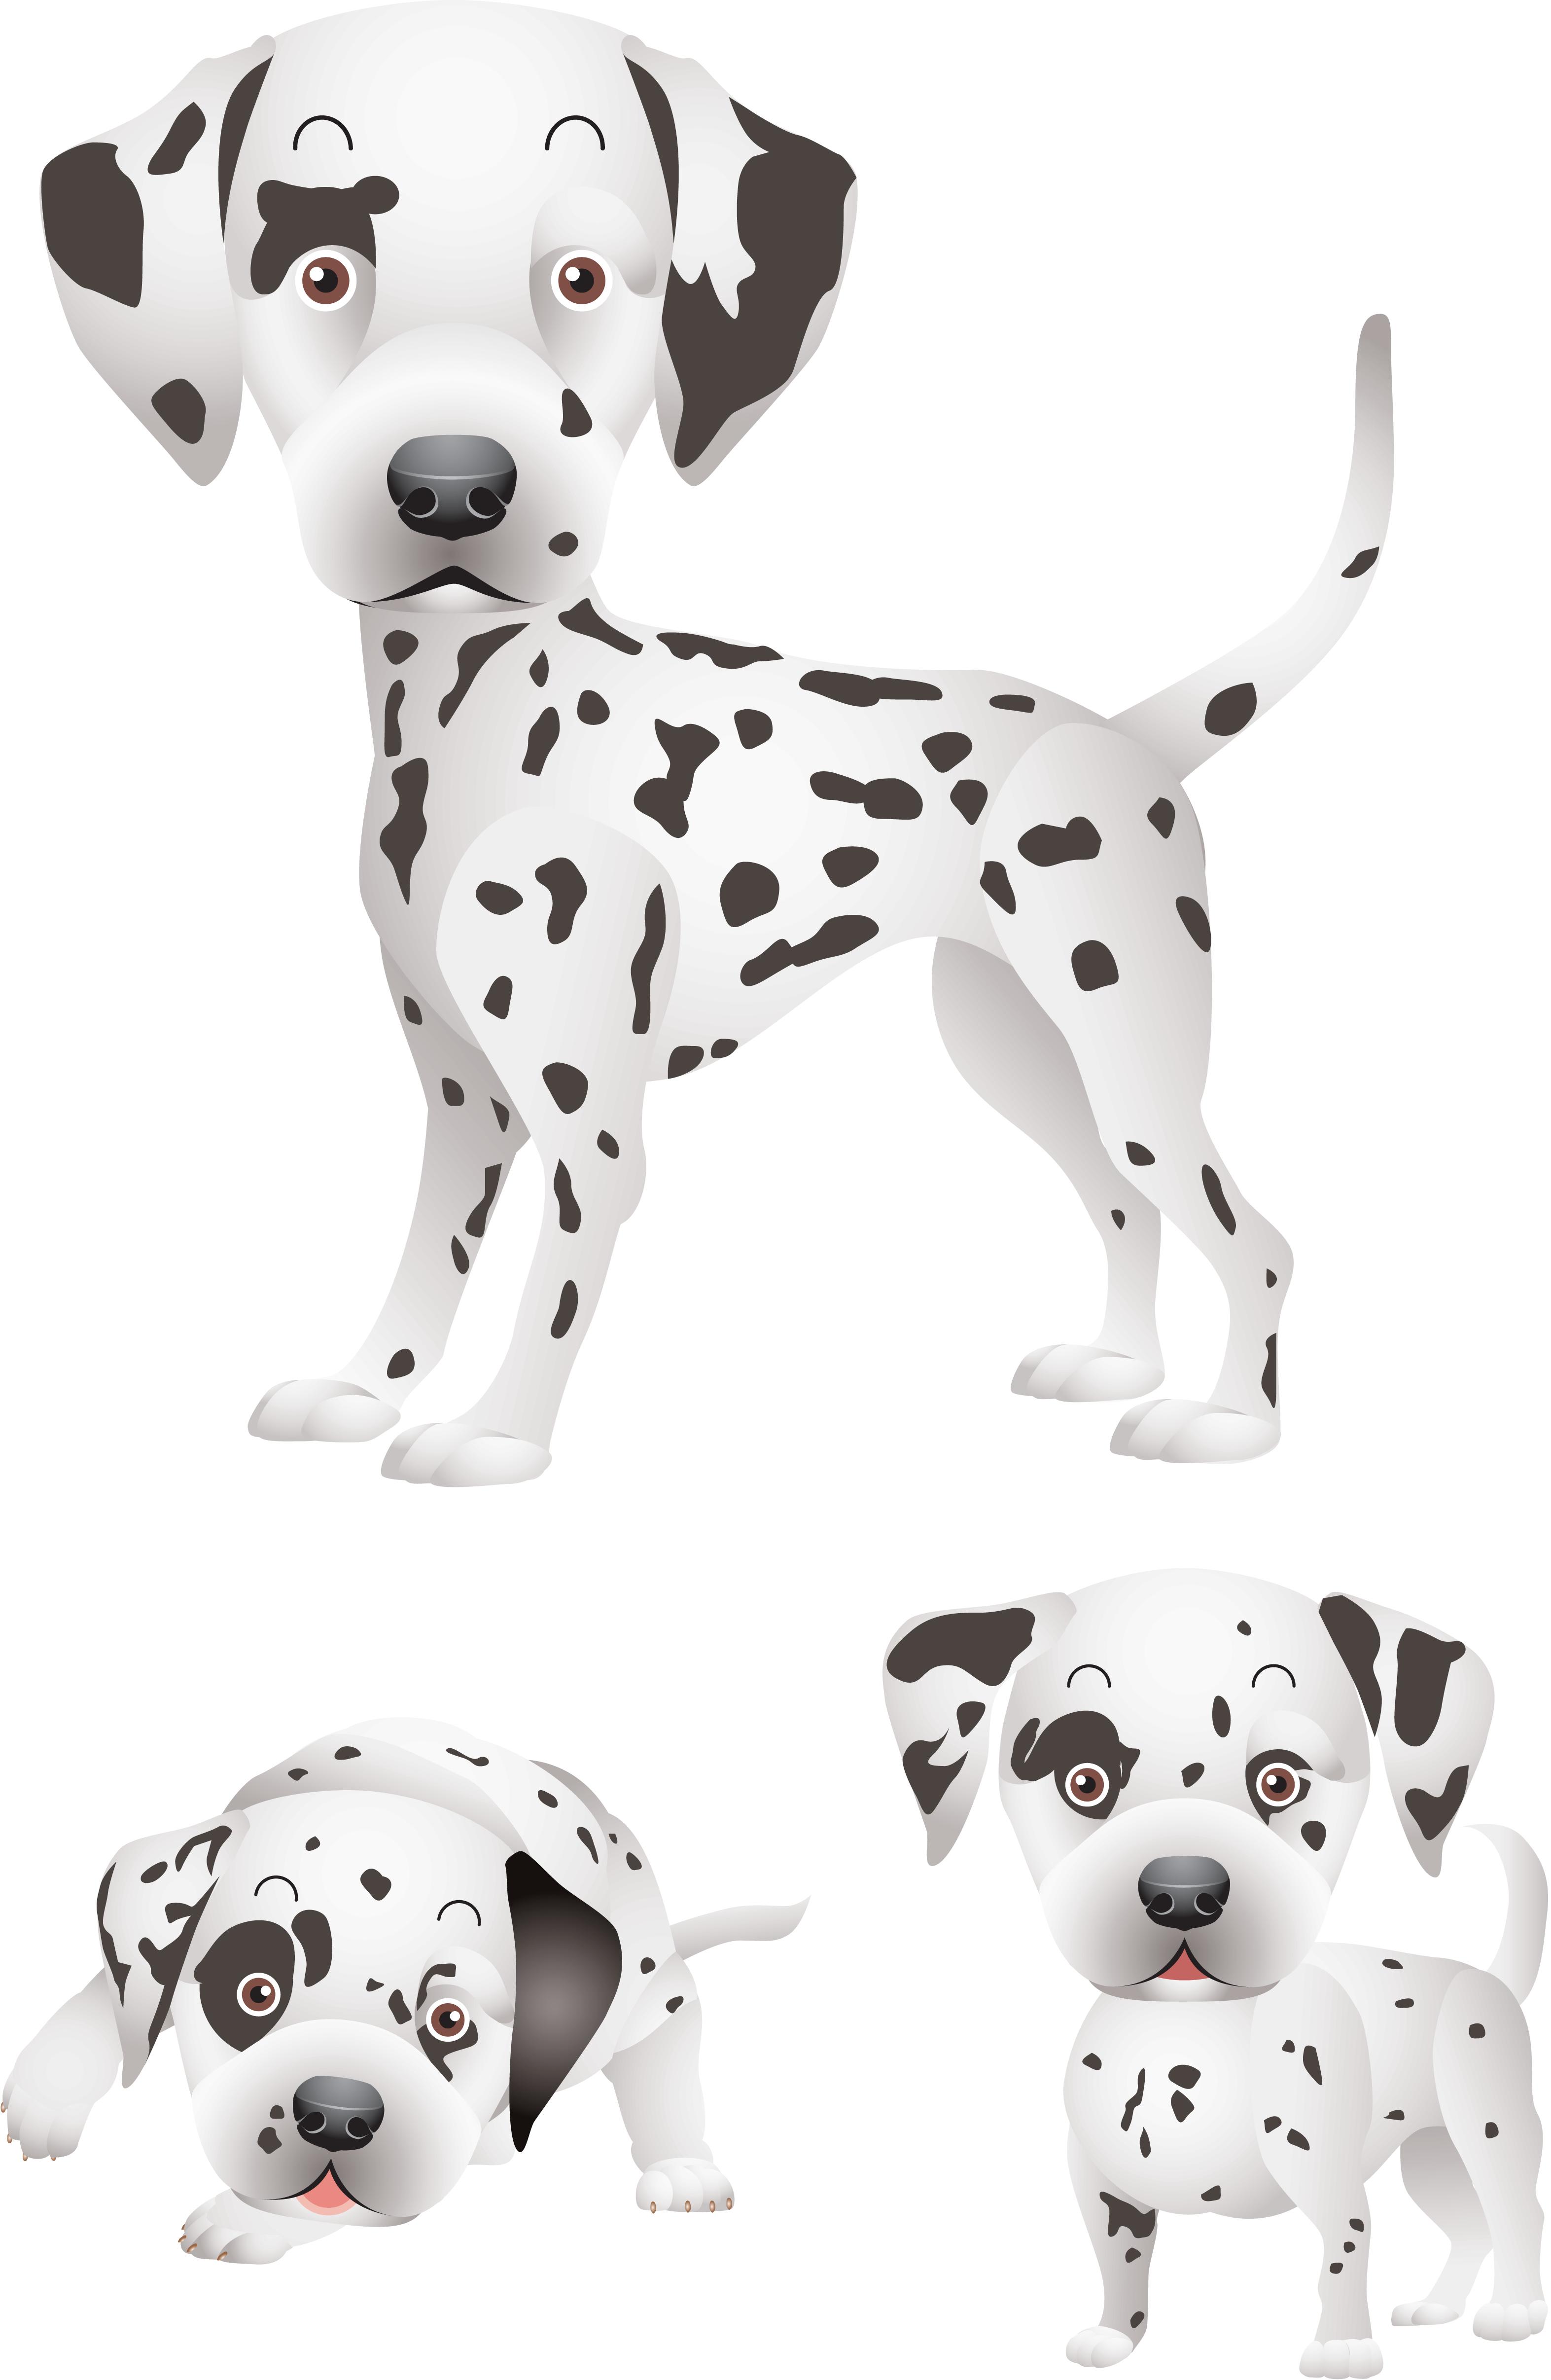 Клипарт, собаки, дог, для дизайна фото, долматинец